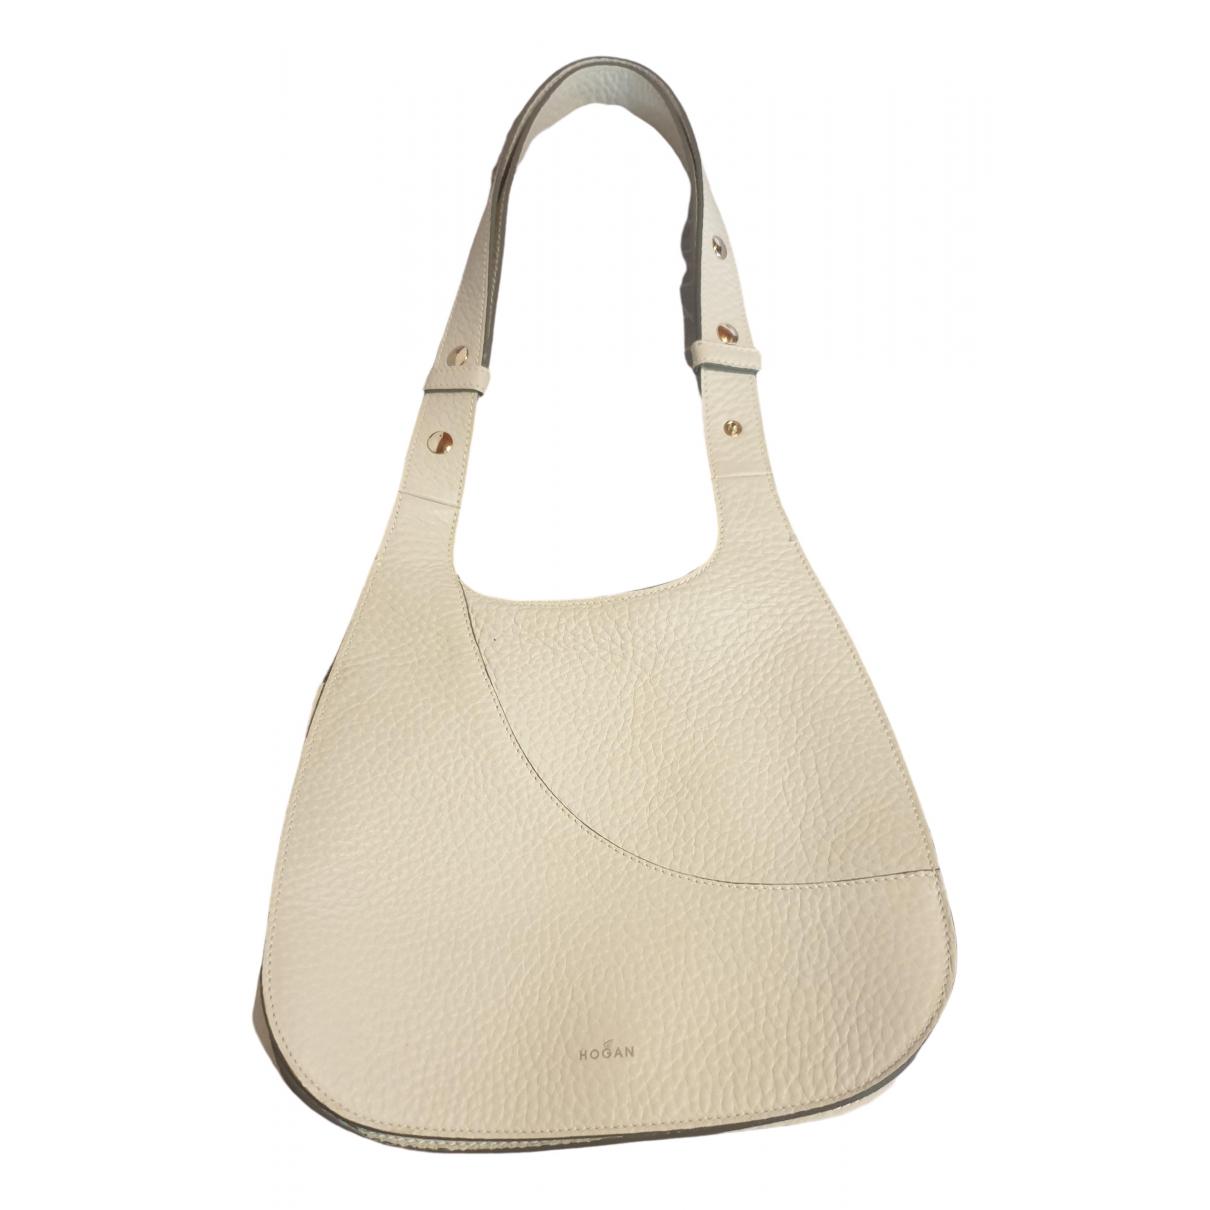 Hogan \N White Leather handbag for Women \N